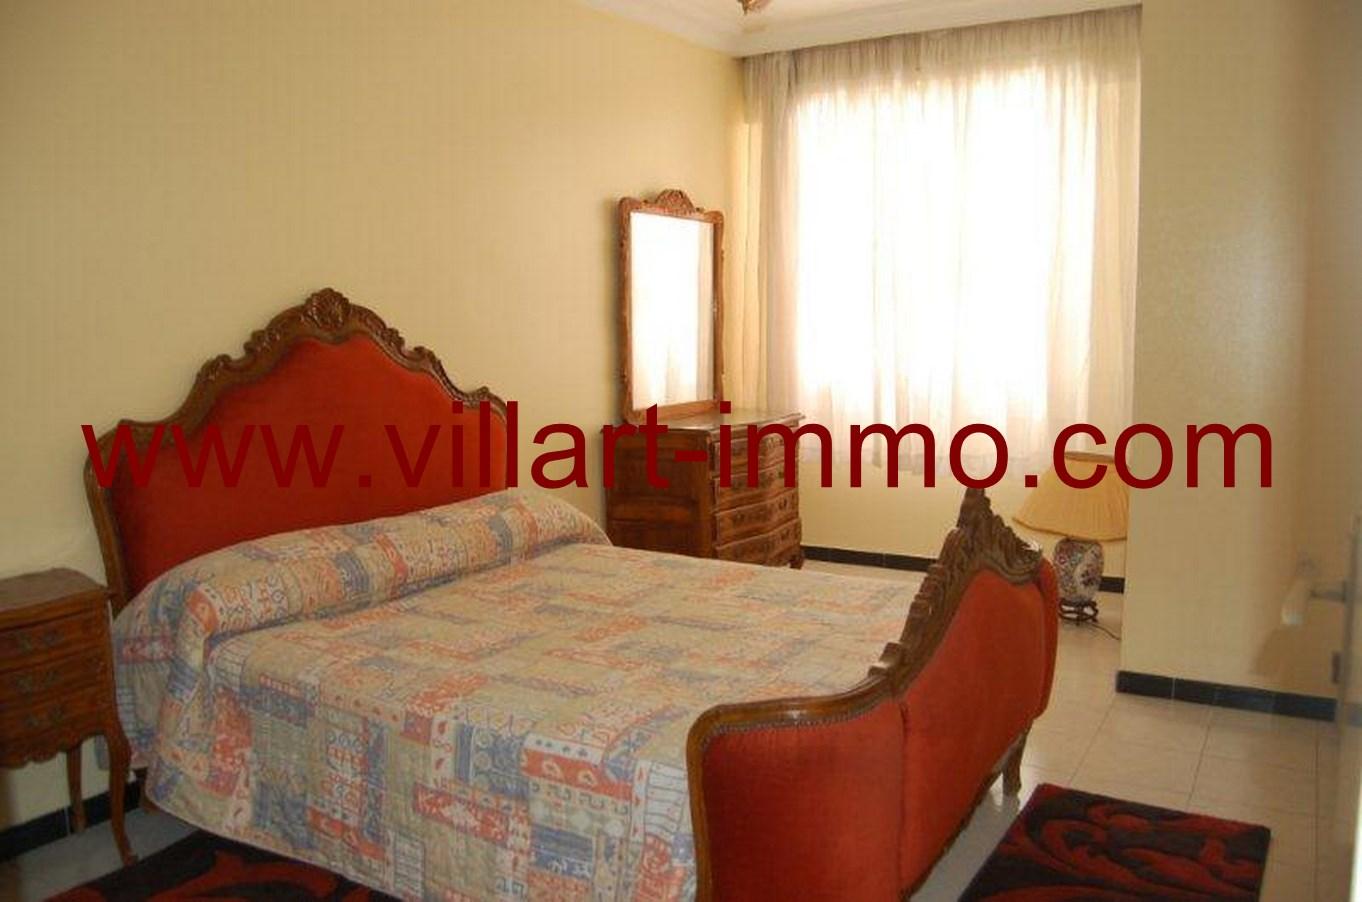 Bel appartement louer au centre ville de tanger villart for Chambre de commerce tetouan